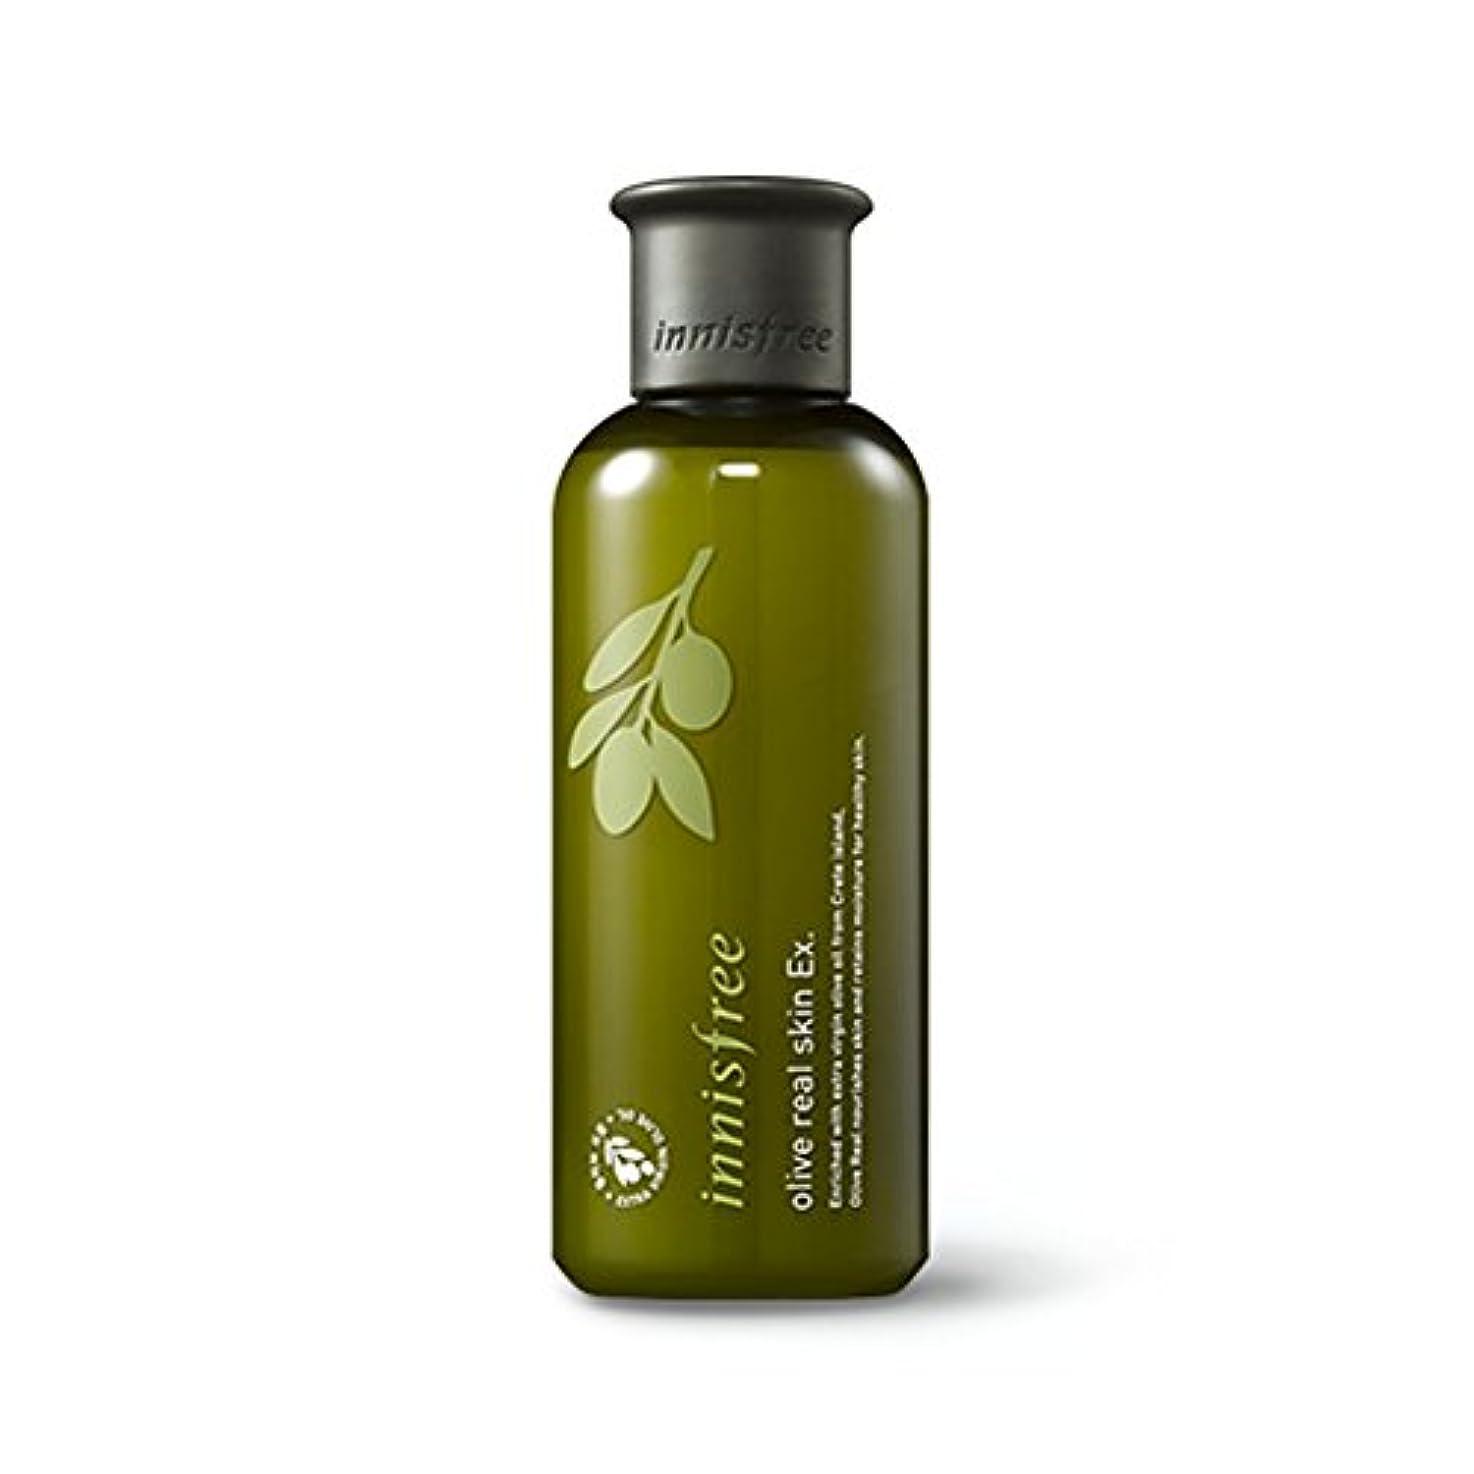 ポスト印象派スイス人アラビア語イニスフリーオリーブリアルスキン 200ml Innisfree Olive Real Skin Ex. 200ml [海外直送品][並行輸入品]